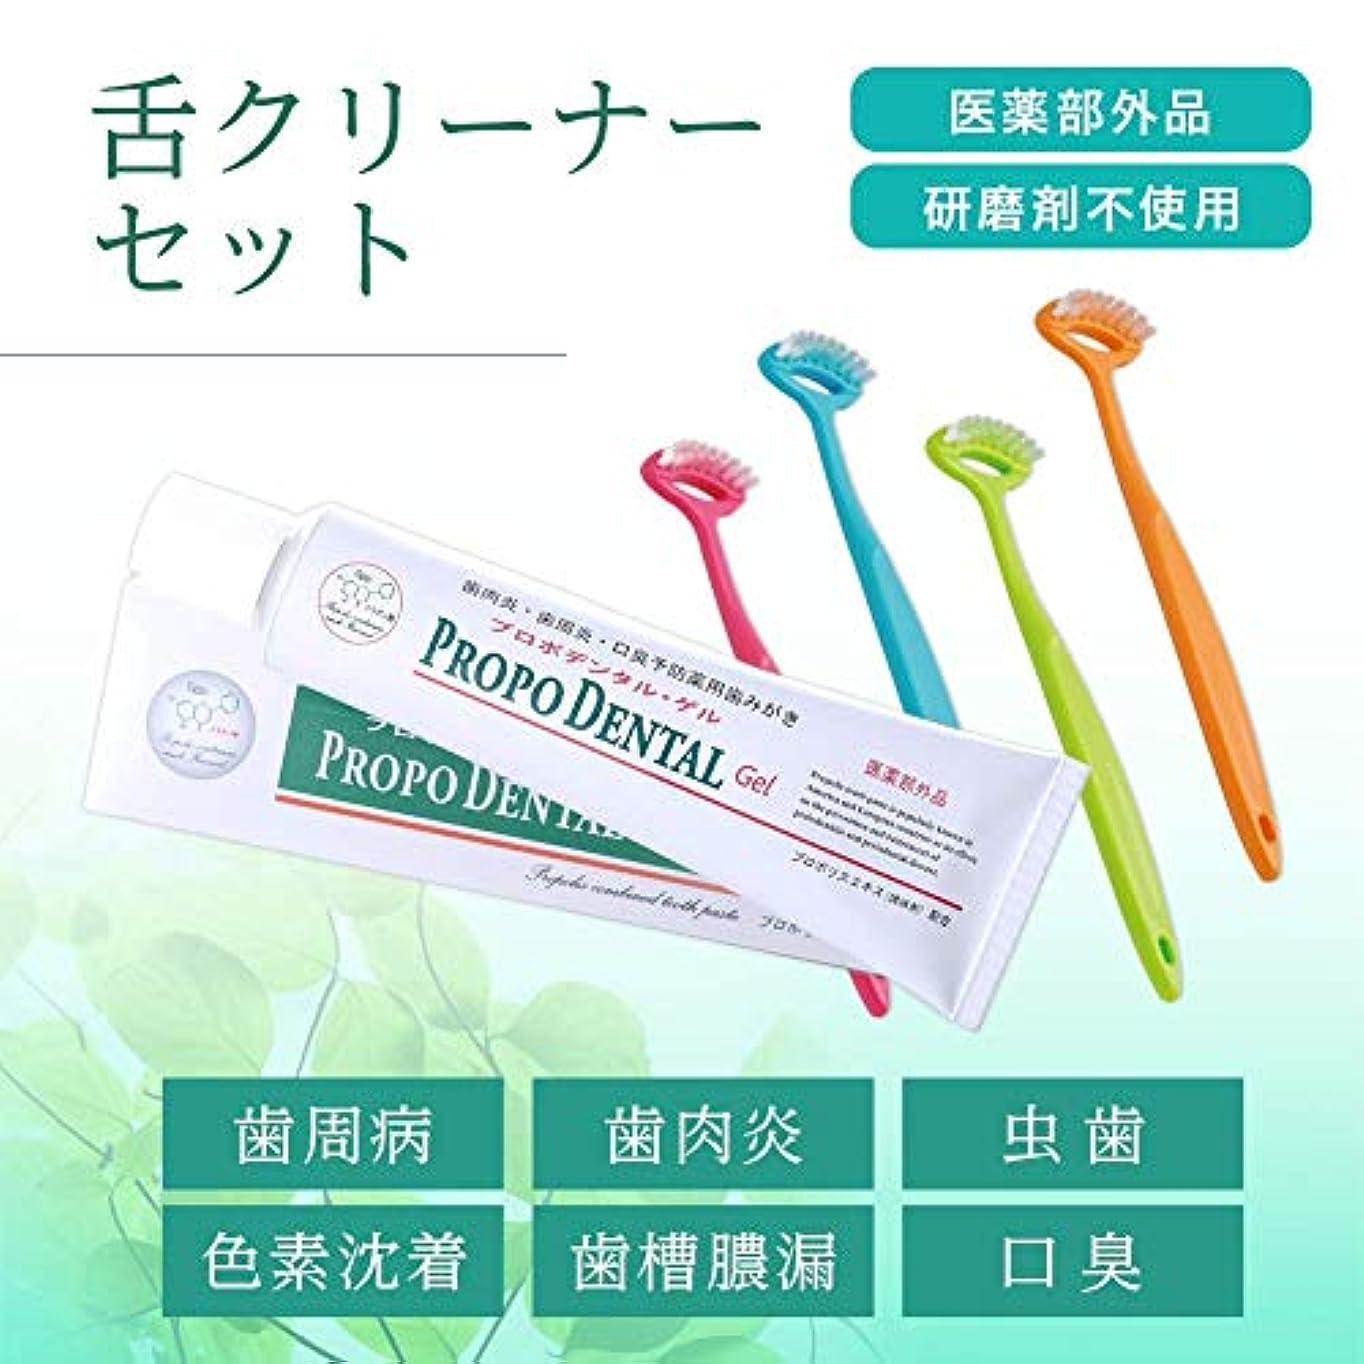 バンジョー典型的な操作口臭予防 舌クリーニングセット 歯磨き 舌磨き 舌クリーナー はみがき 歯磨きジェル(ゲル1本とゲルミニ1本+舌クリーナ)